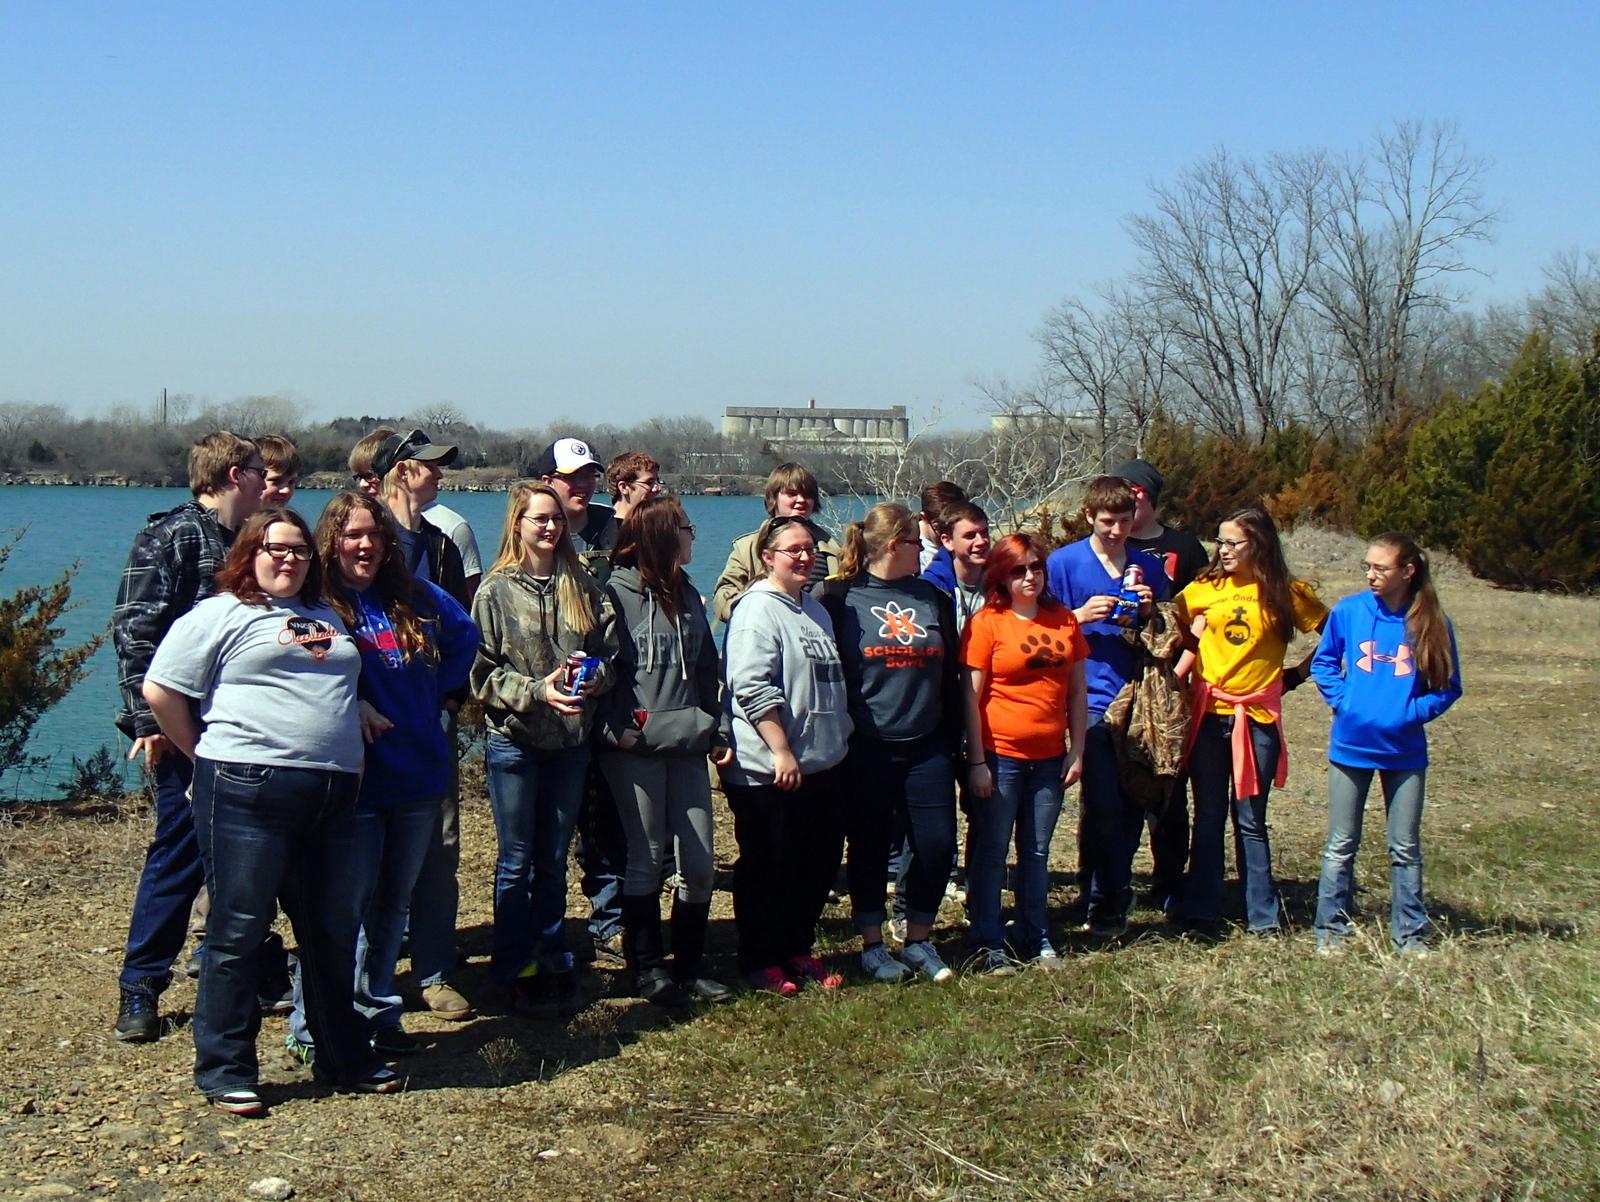 Upward Bound Volunteers Help Clear the Lehigh Portland Trails